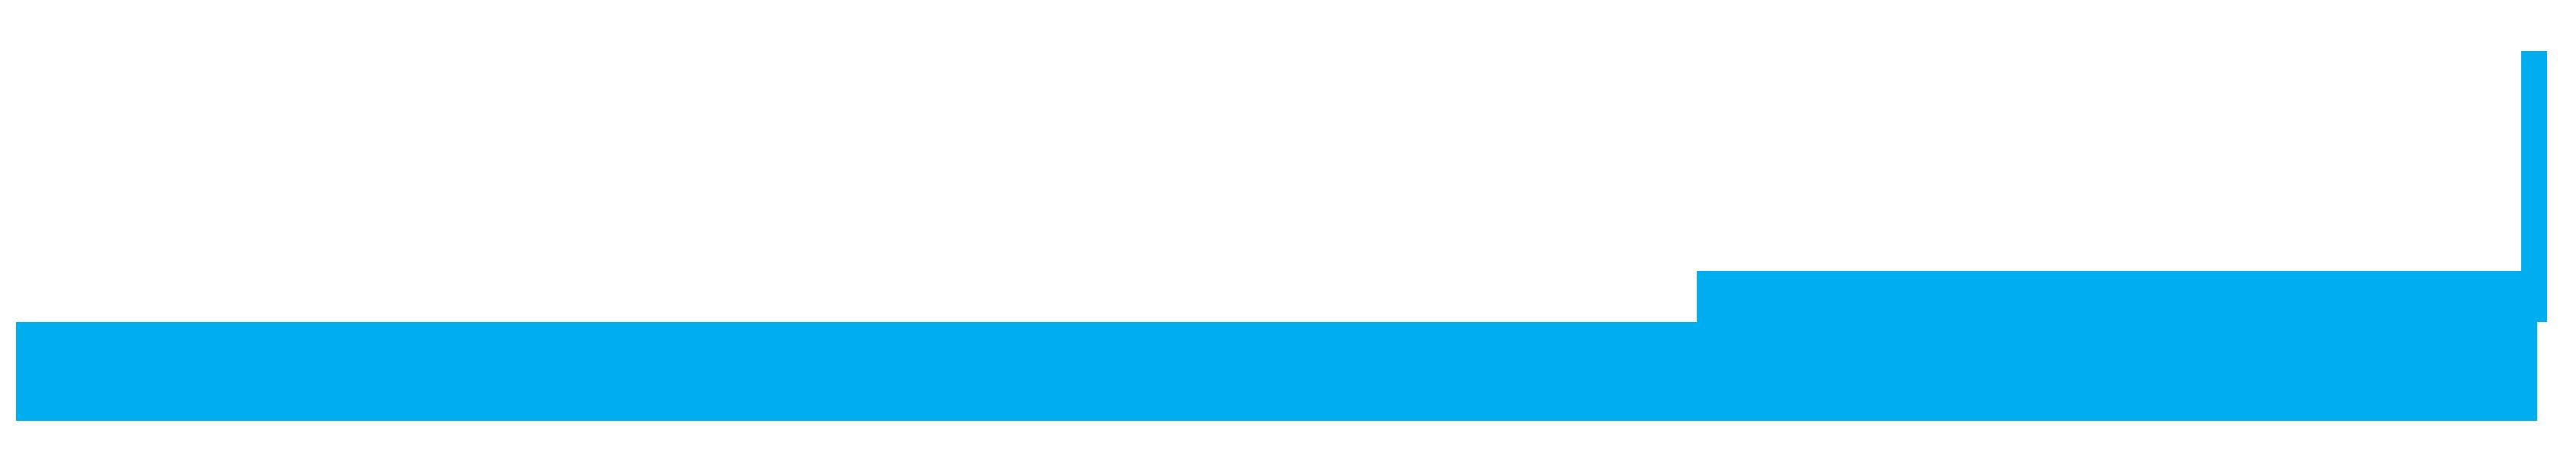 Web-Divider-Left-01